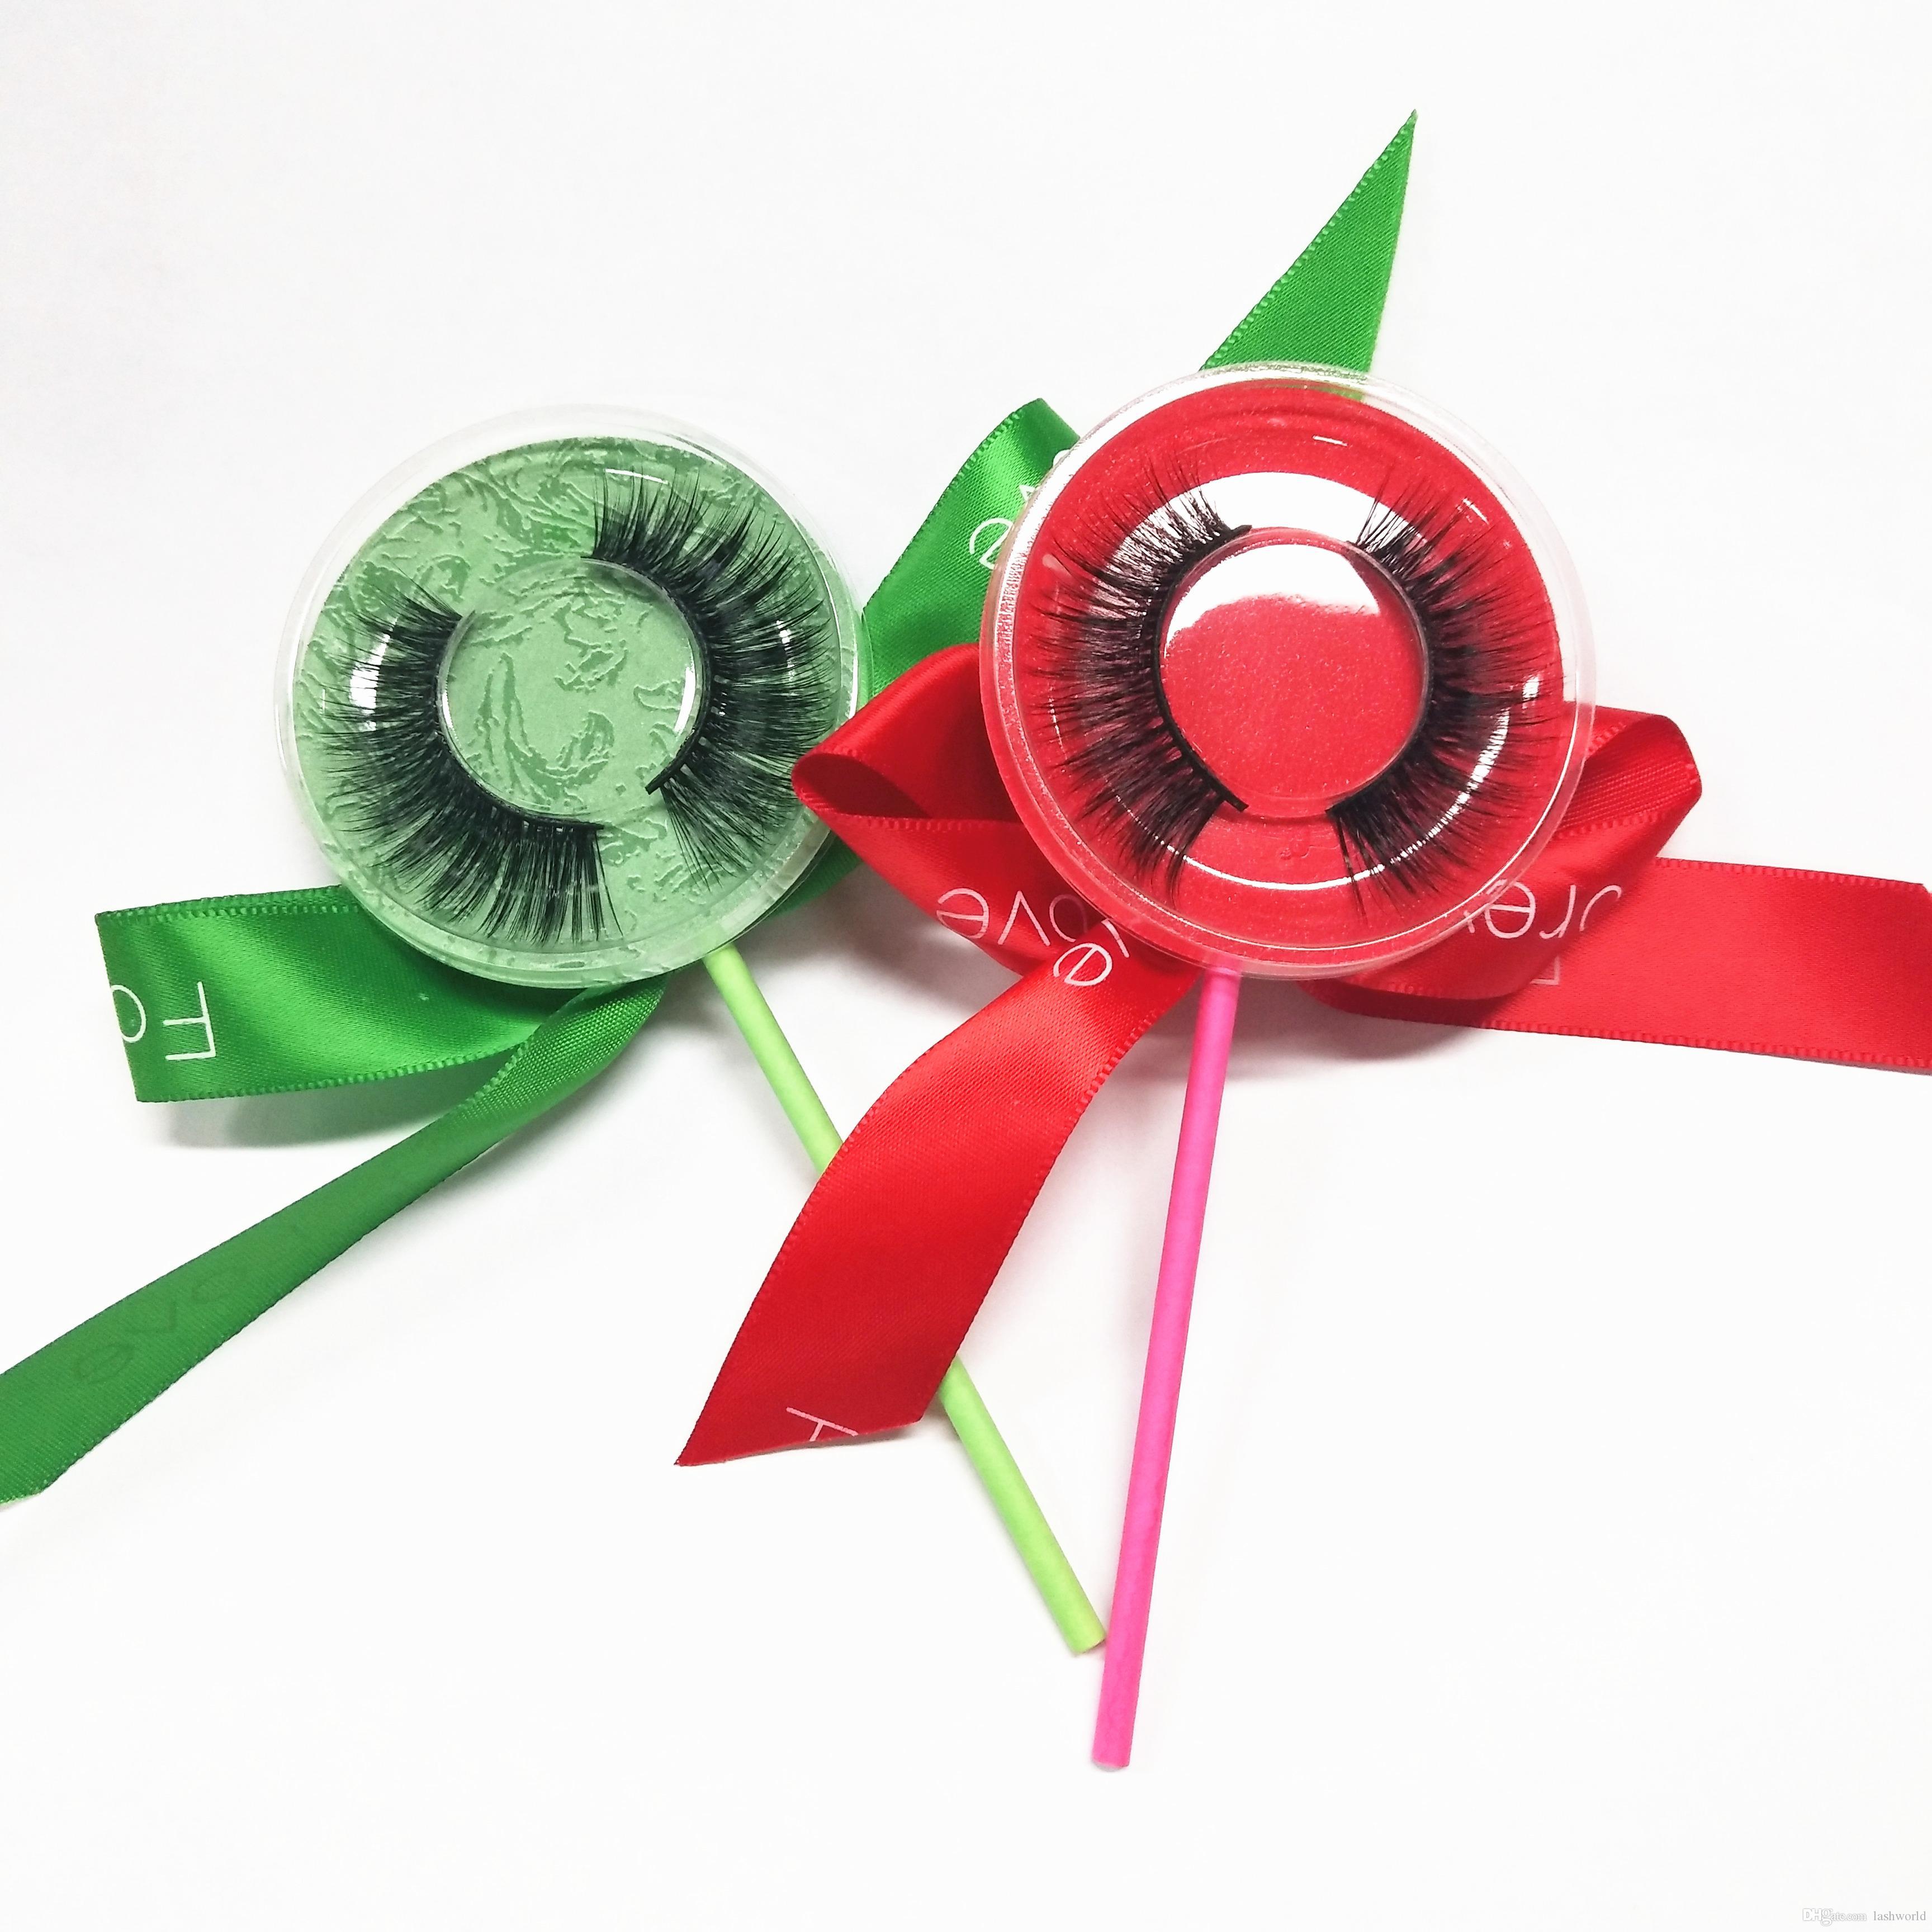 Lecca-lecca Scatola Ciglia finte Ciglia finte striscia 3D ciglia finte ciglia finte false accettano etichette private su adesivi